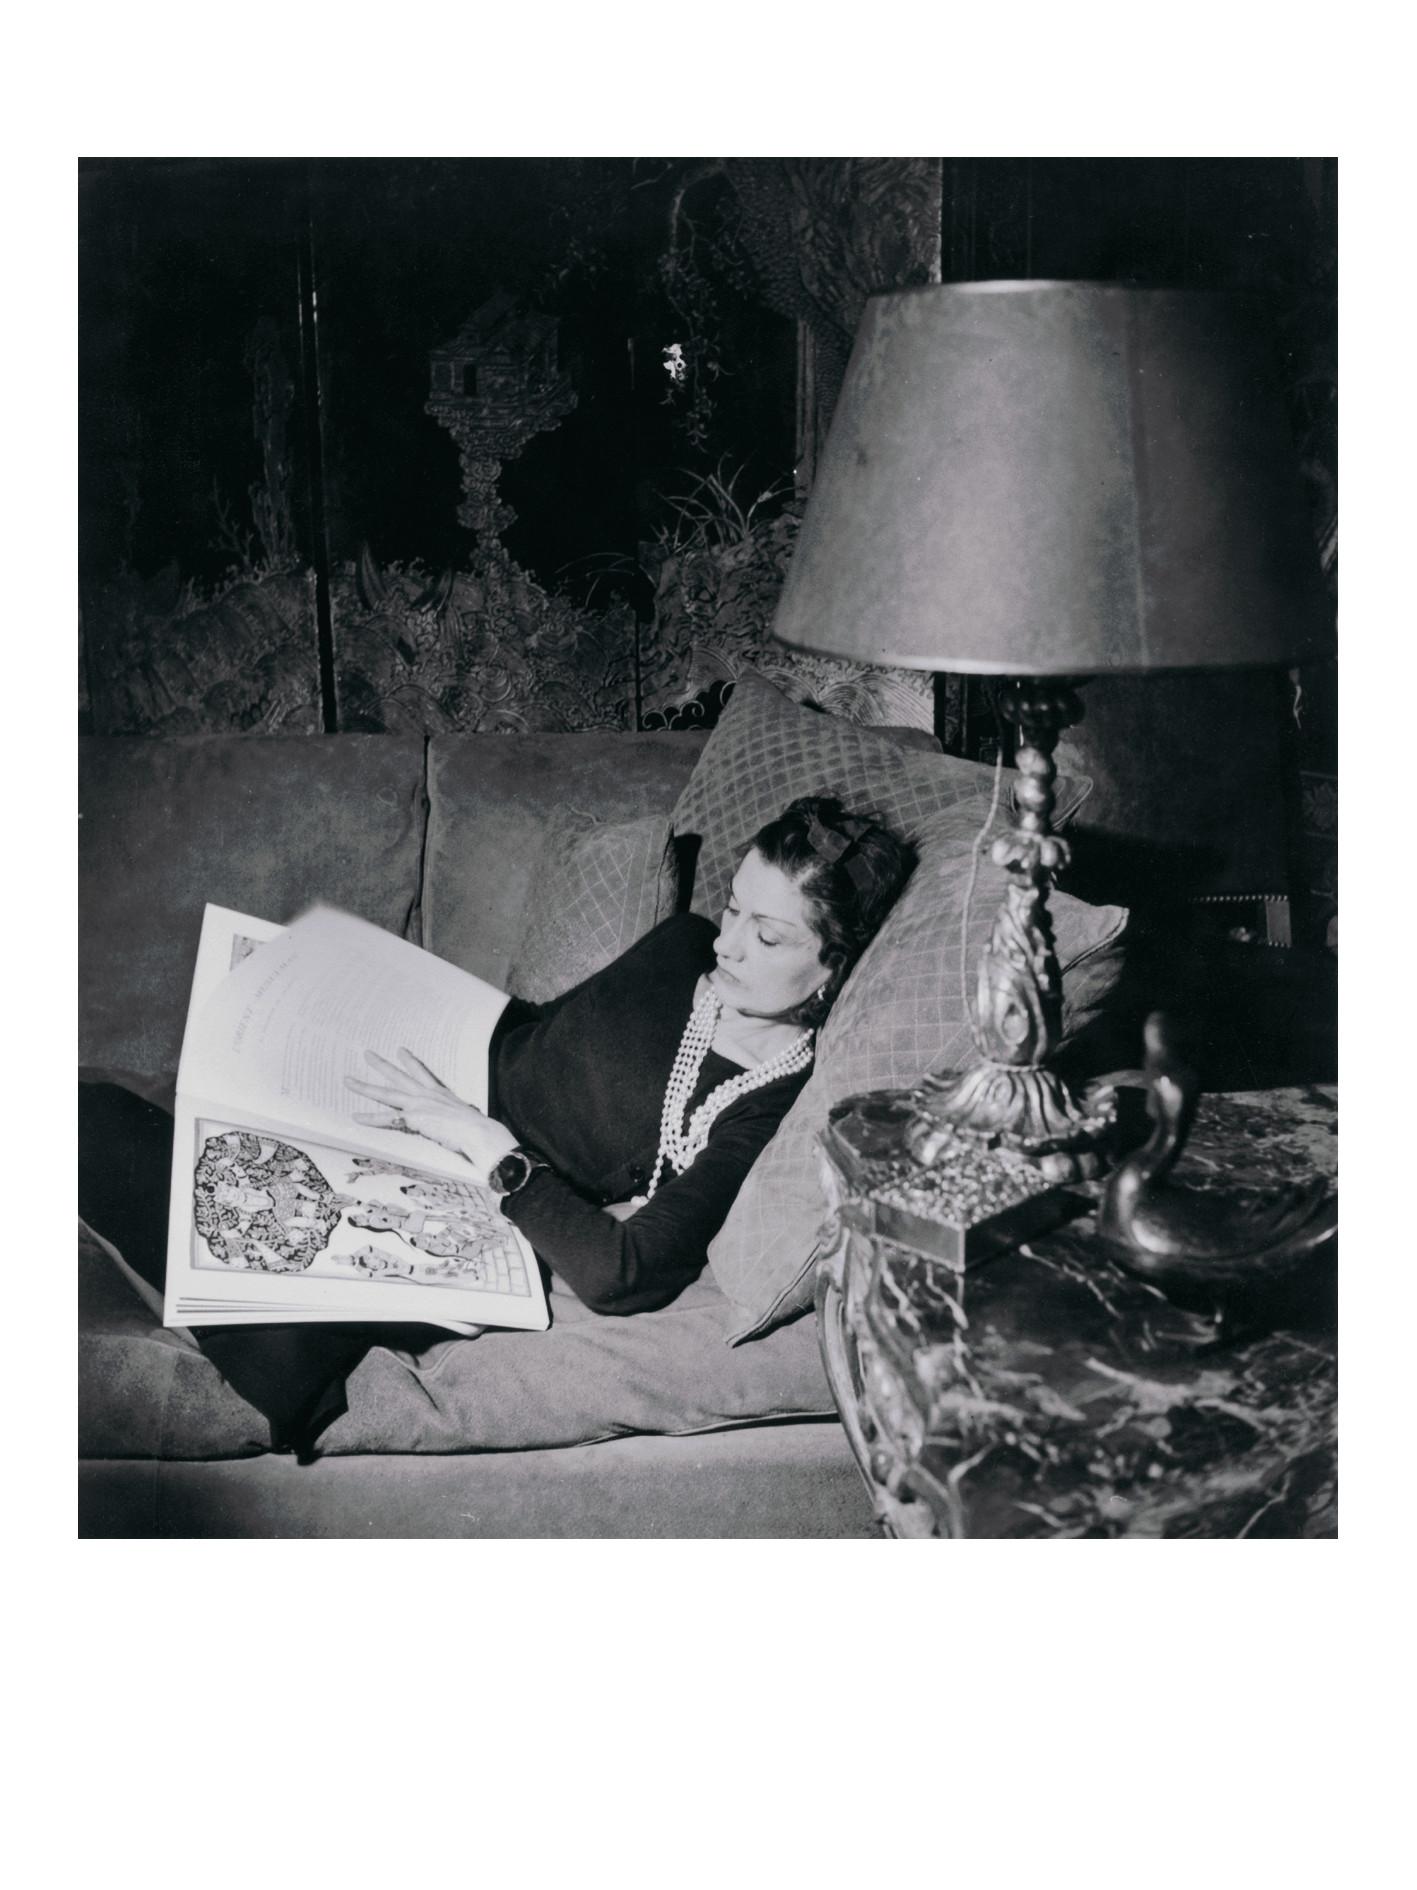 Jean Moral Gabrielle Chanel sul suo divano in daino beige dai cuscini imbottiti, 1937 Fotografia Collezione privata © Photo Jean Moral/Brigitte Moral